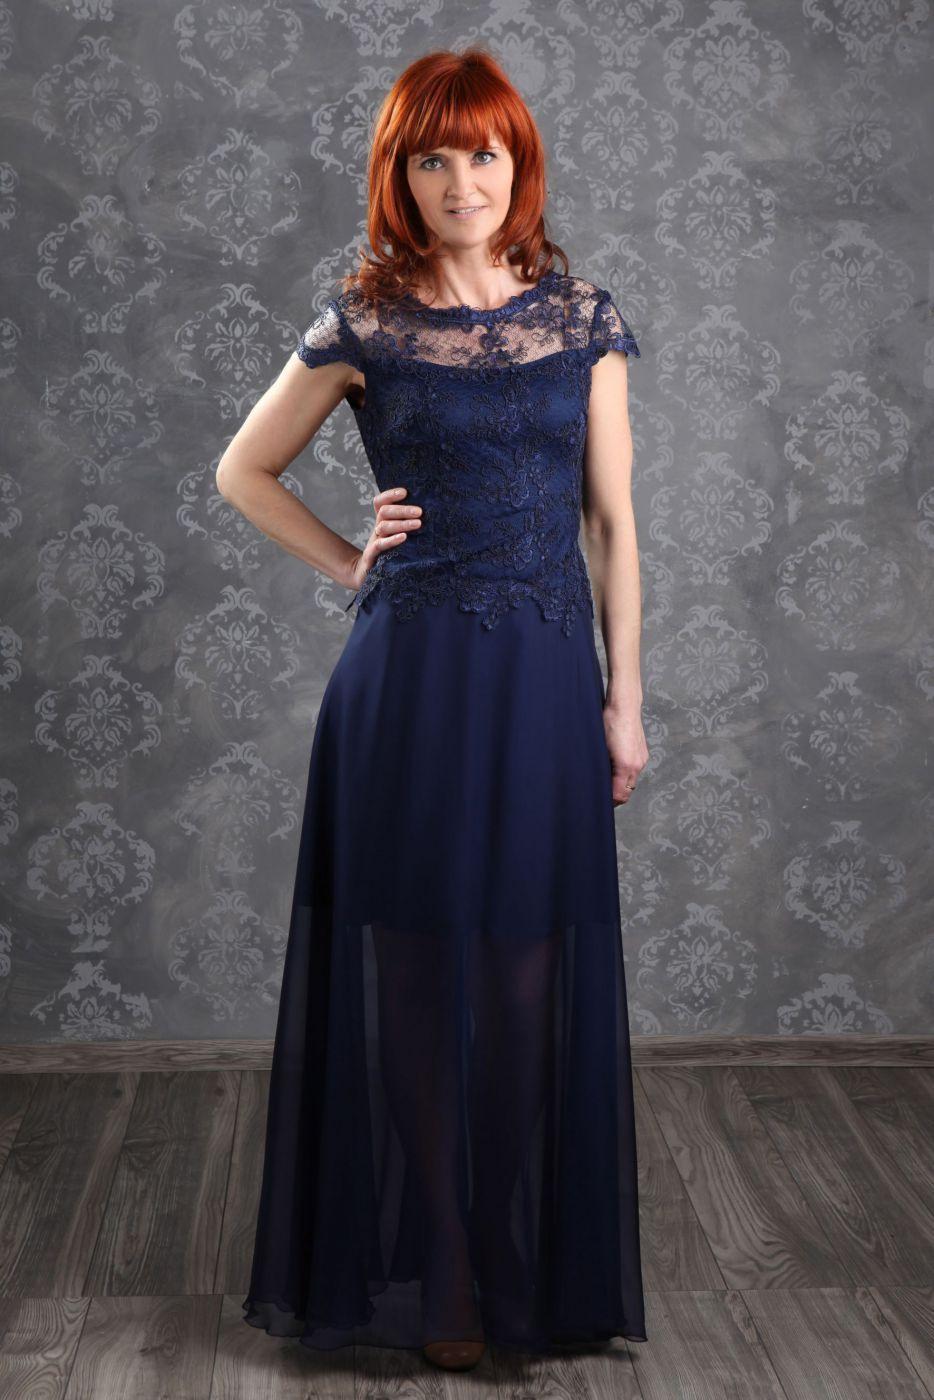 Designer Einzigartig Langes Abendkleid Dunkelblau GalerieFormal Großartig Langes Abendkleid Dunkelblau Ärmel